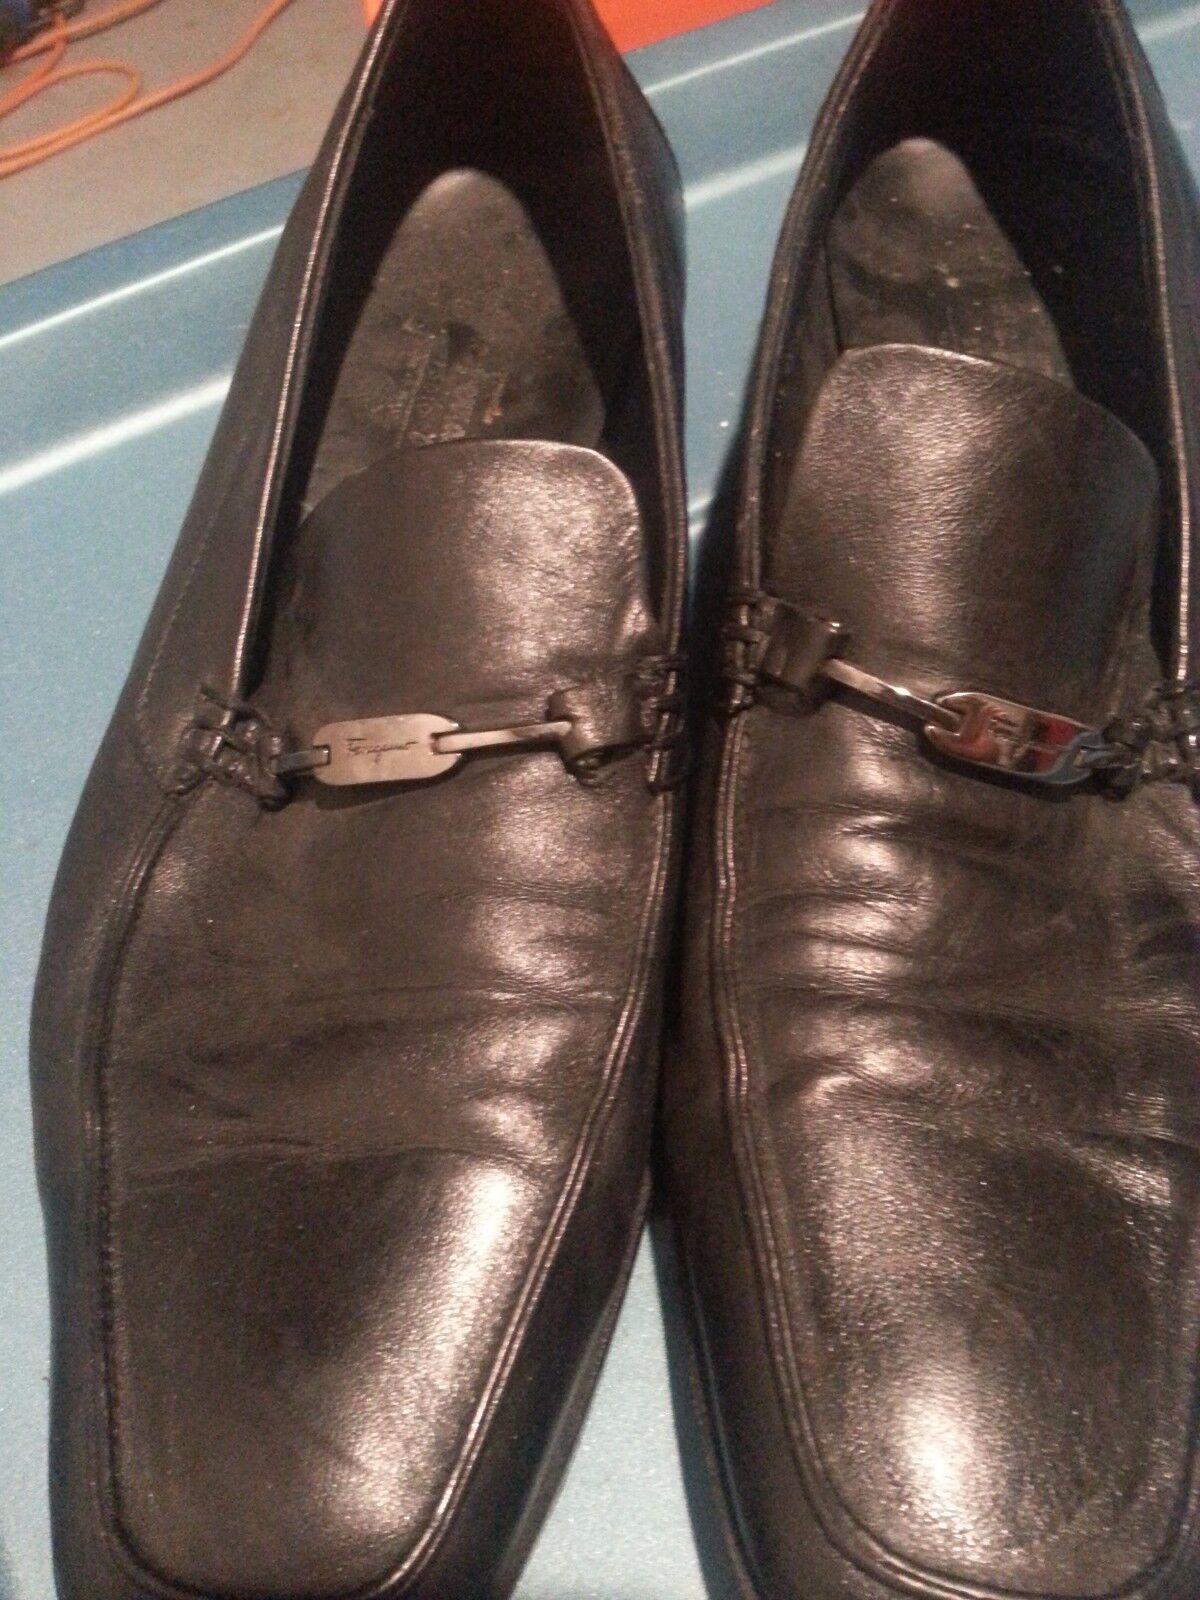 Salvatore Ferragamo loafers sz 10.5